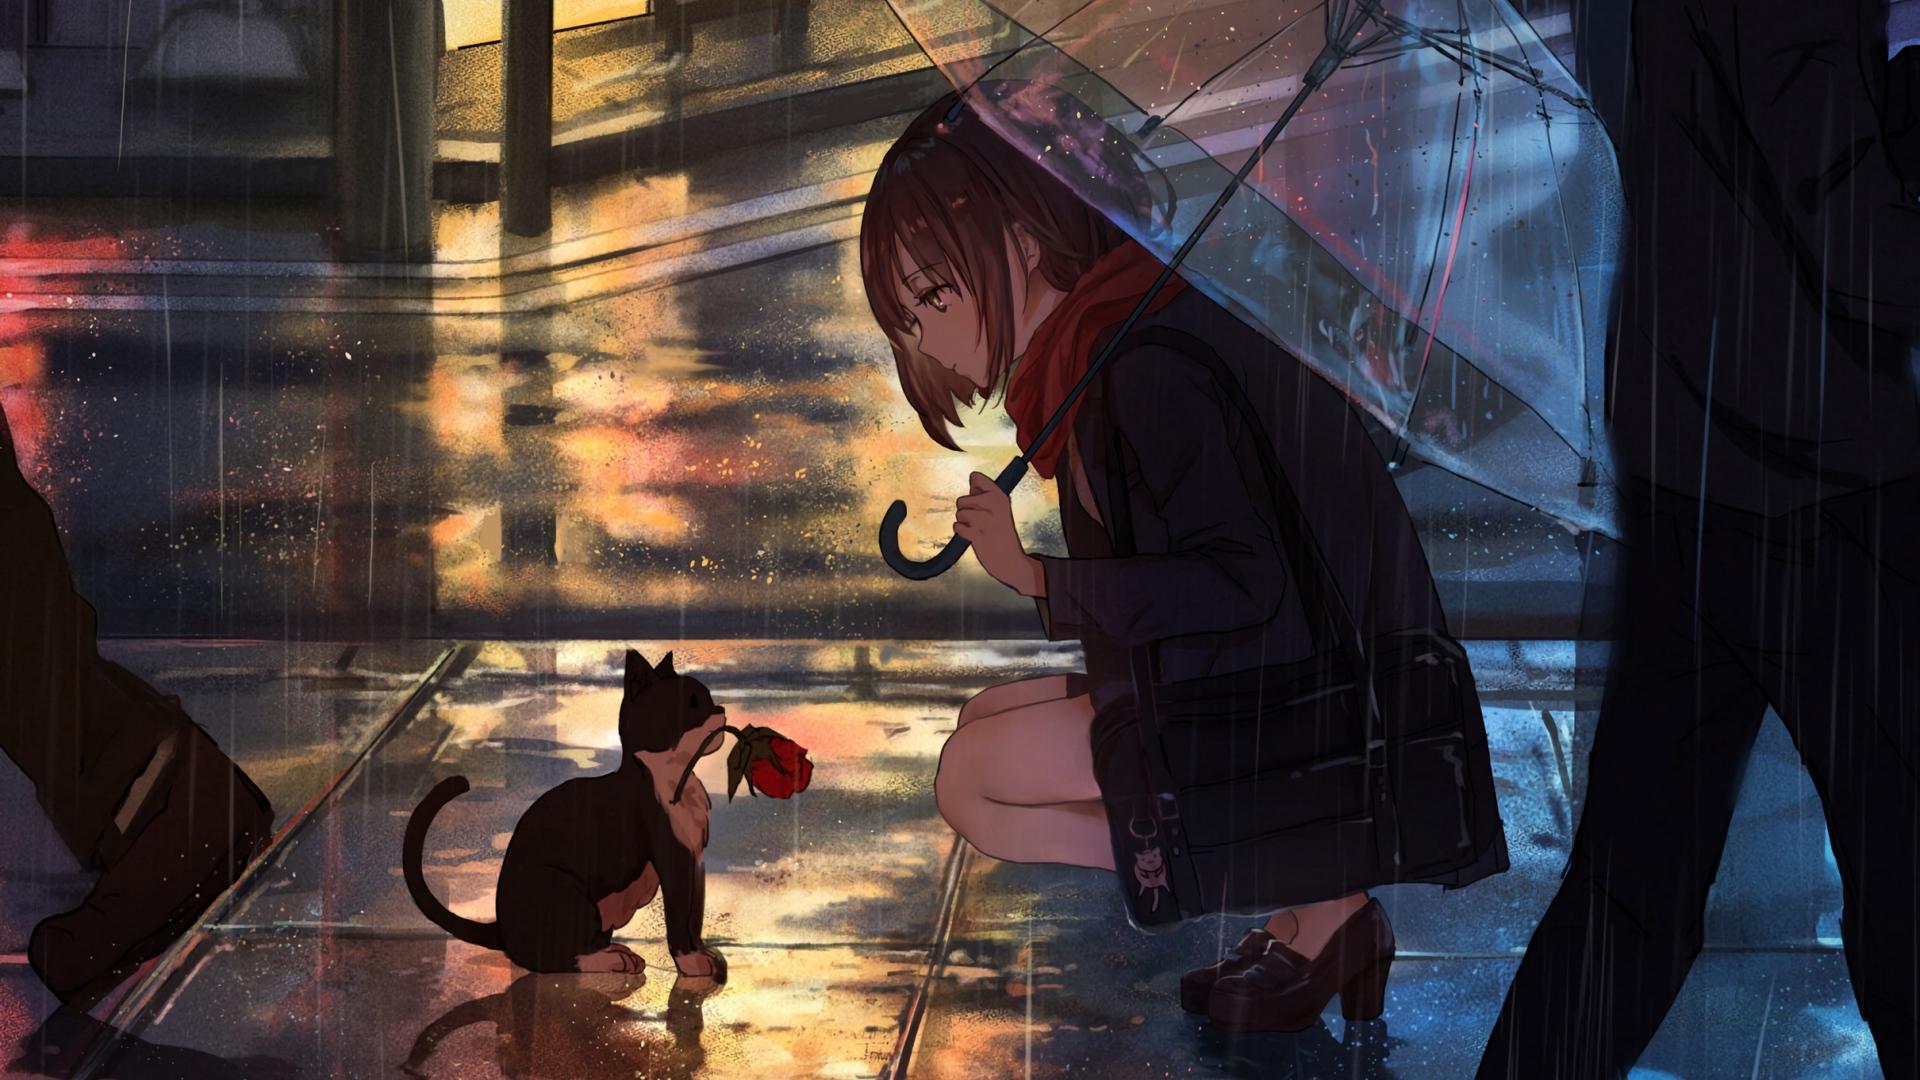 Wallpaper Girl, Kitten, Flower, Anime, Street, Rain - Anime Girl In The Rain - HD Wallpaper